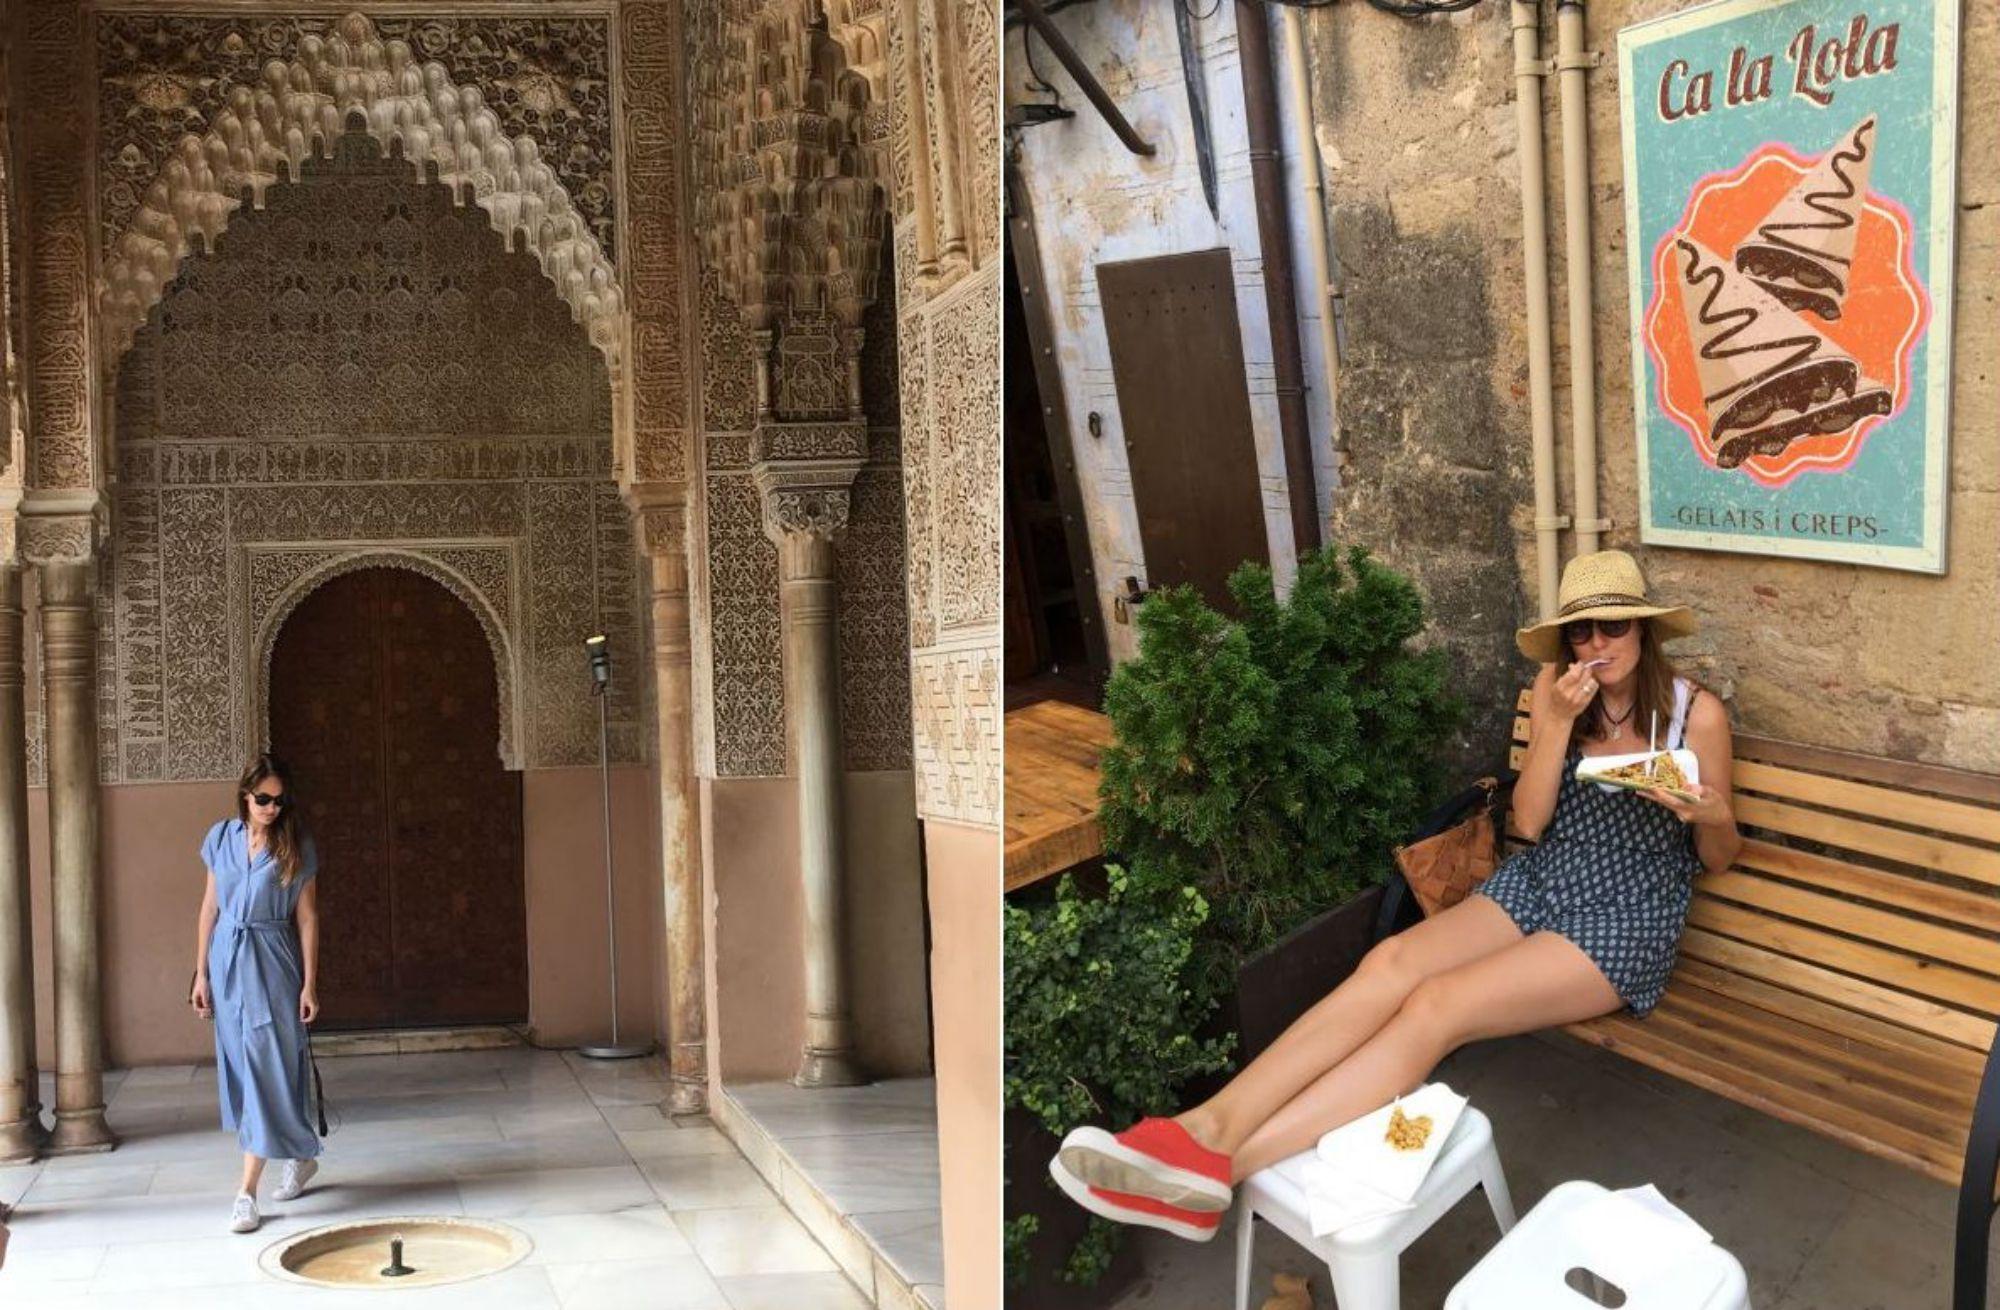 Viajando sin prisas, Diana en La Alhambra y Mar, comiendo un 'crêpe' en 'Ca La Lola' (Peratallada). Fotos: Três Studio.